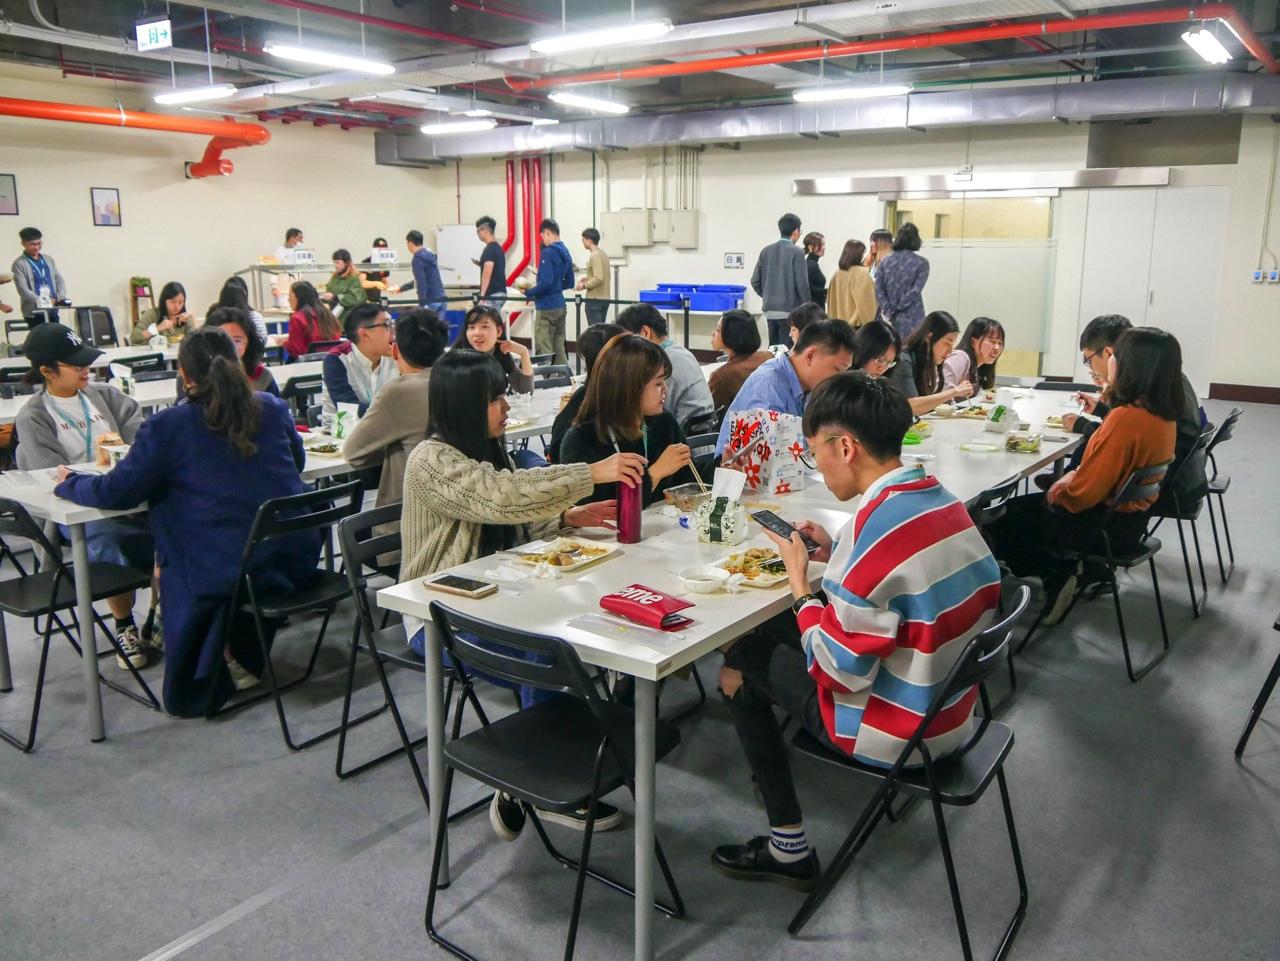 KKday本社の社員食堂